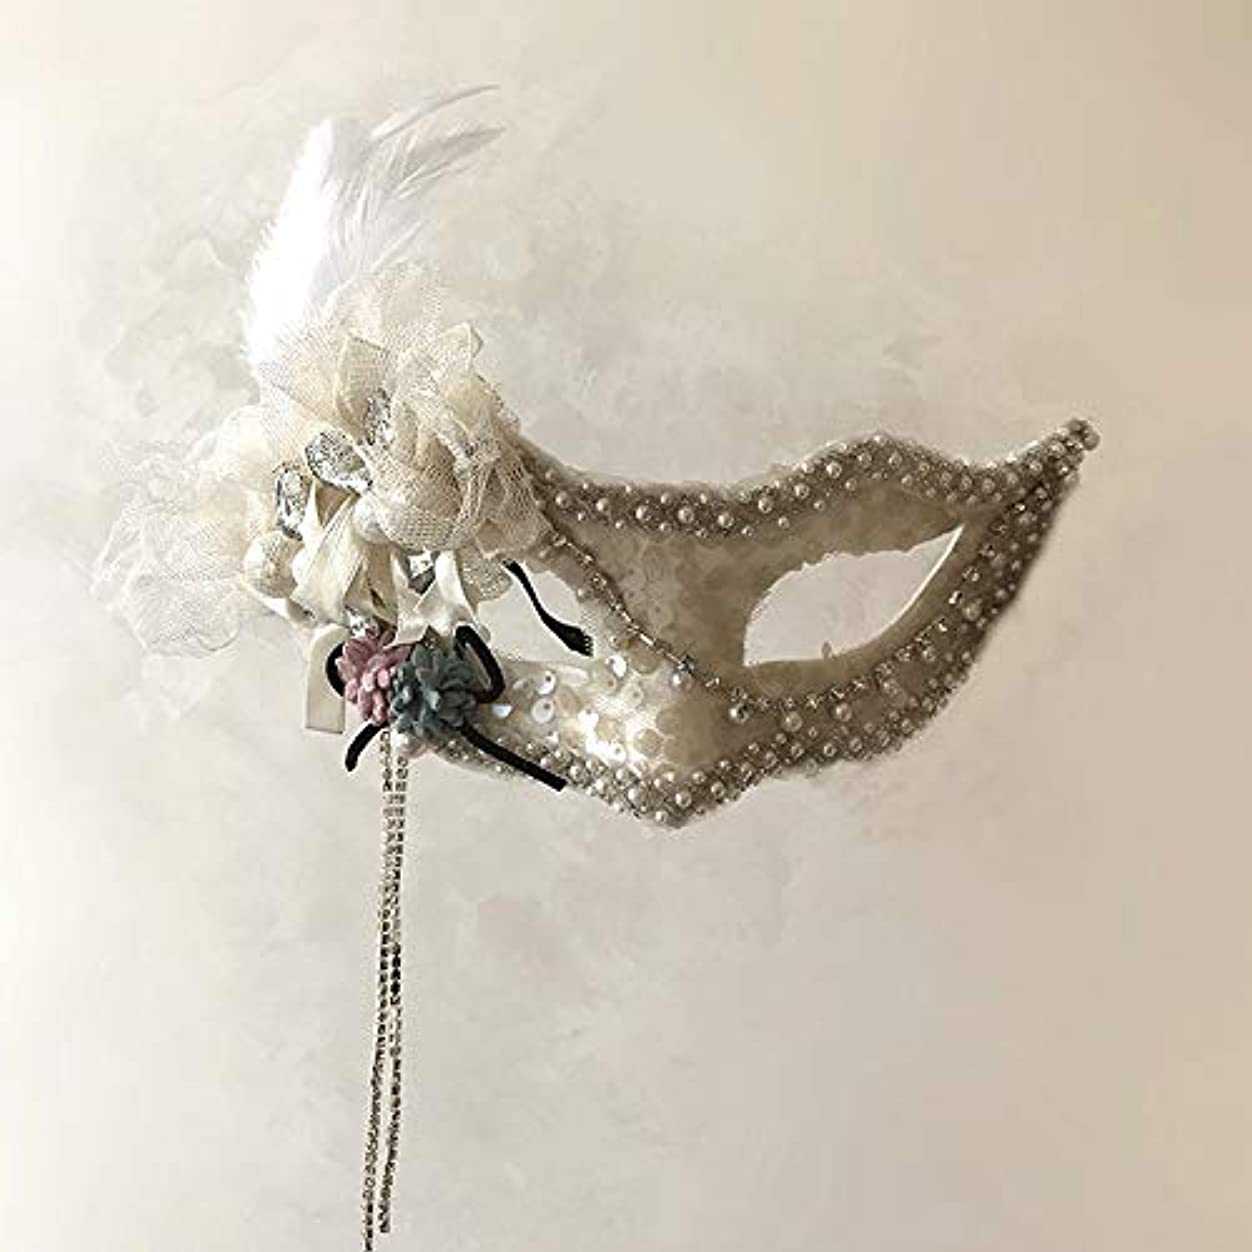 不倫ペストリー換気Nanle ホワイトフェザーフラワーマスク仮装ボールアイマスクハロウィーンボールフリンジフェザーマスクパーティマスク女性レディセクシーマスク (色 : Style D)